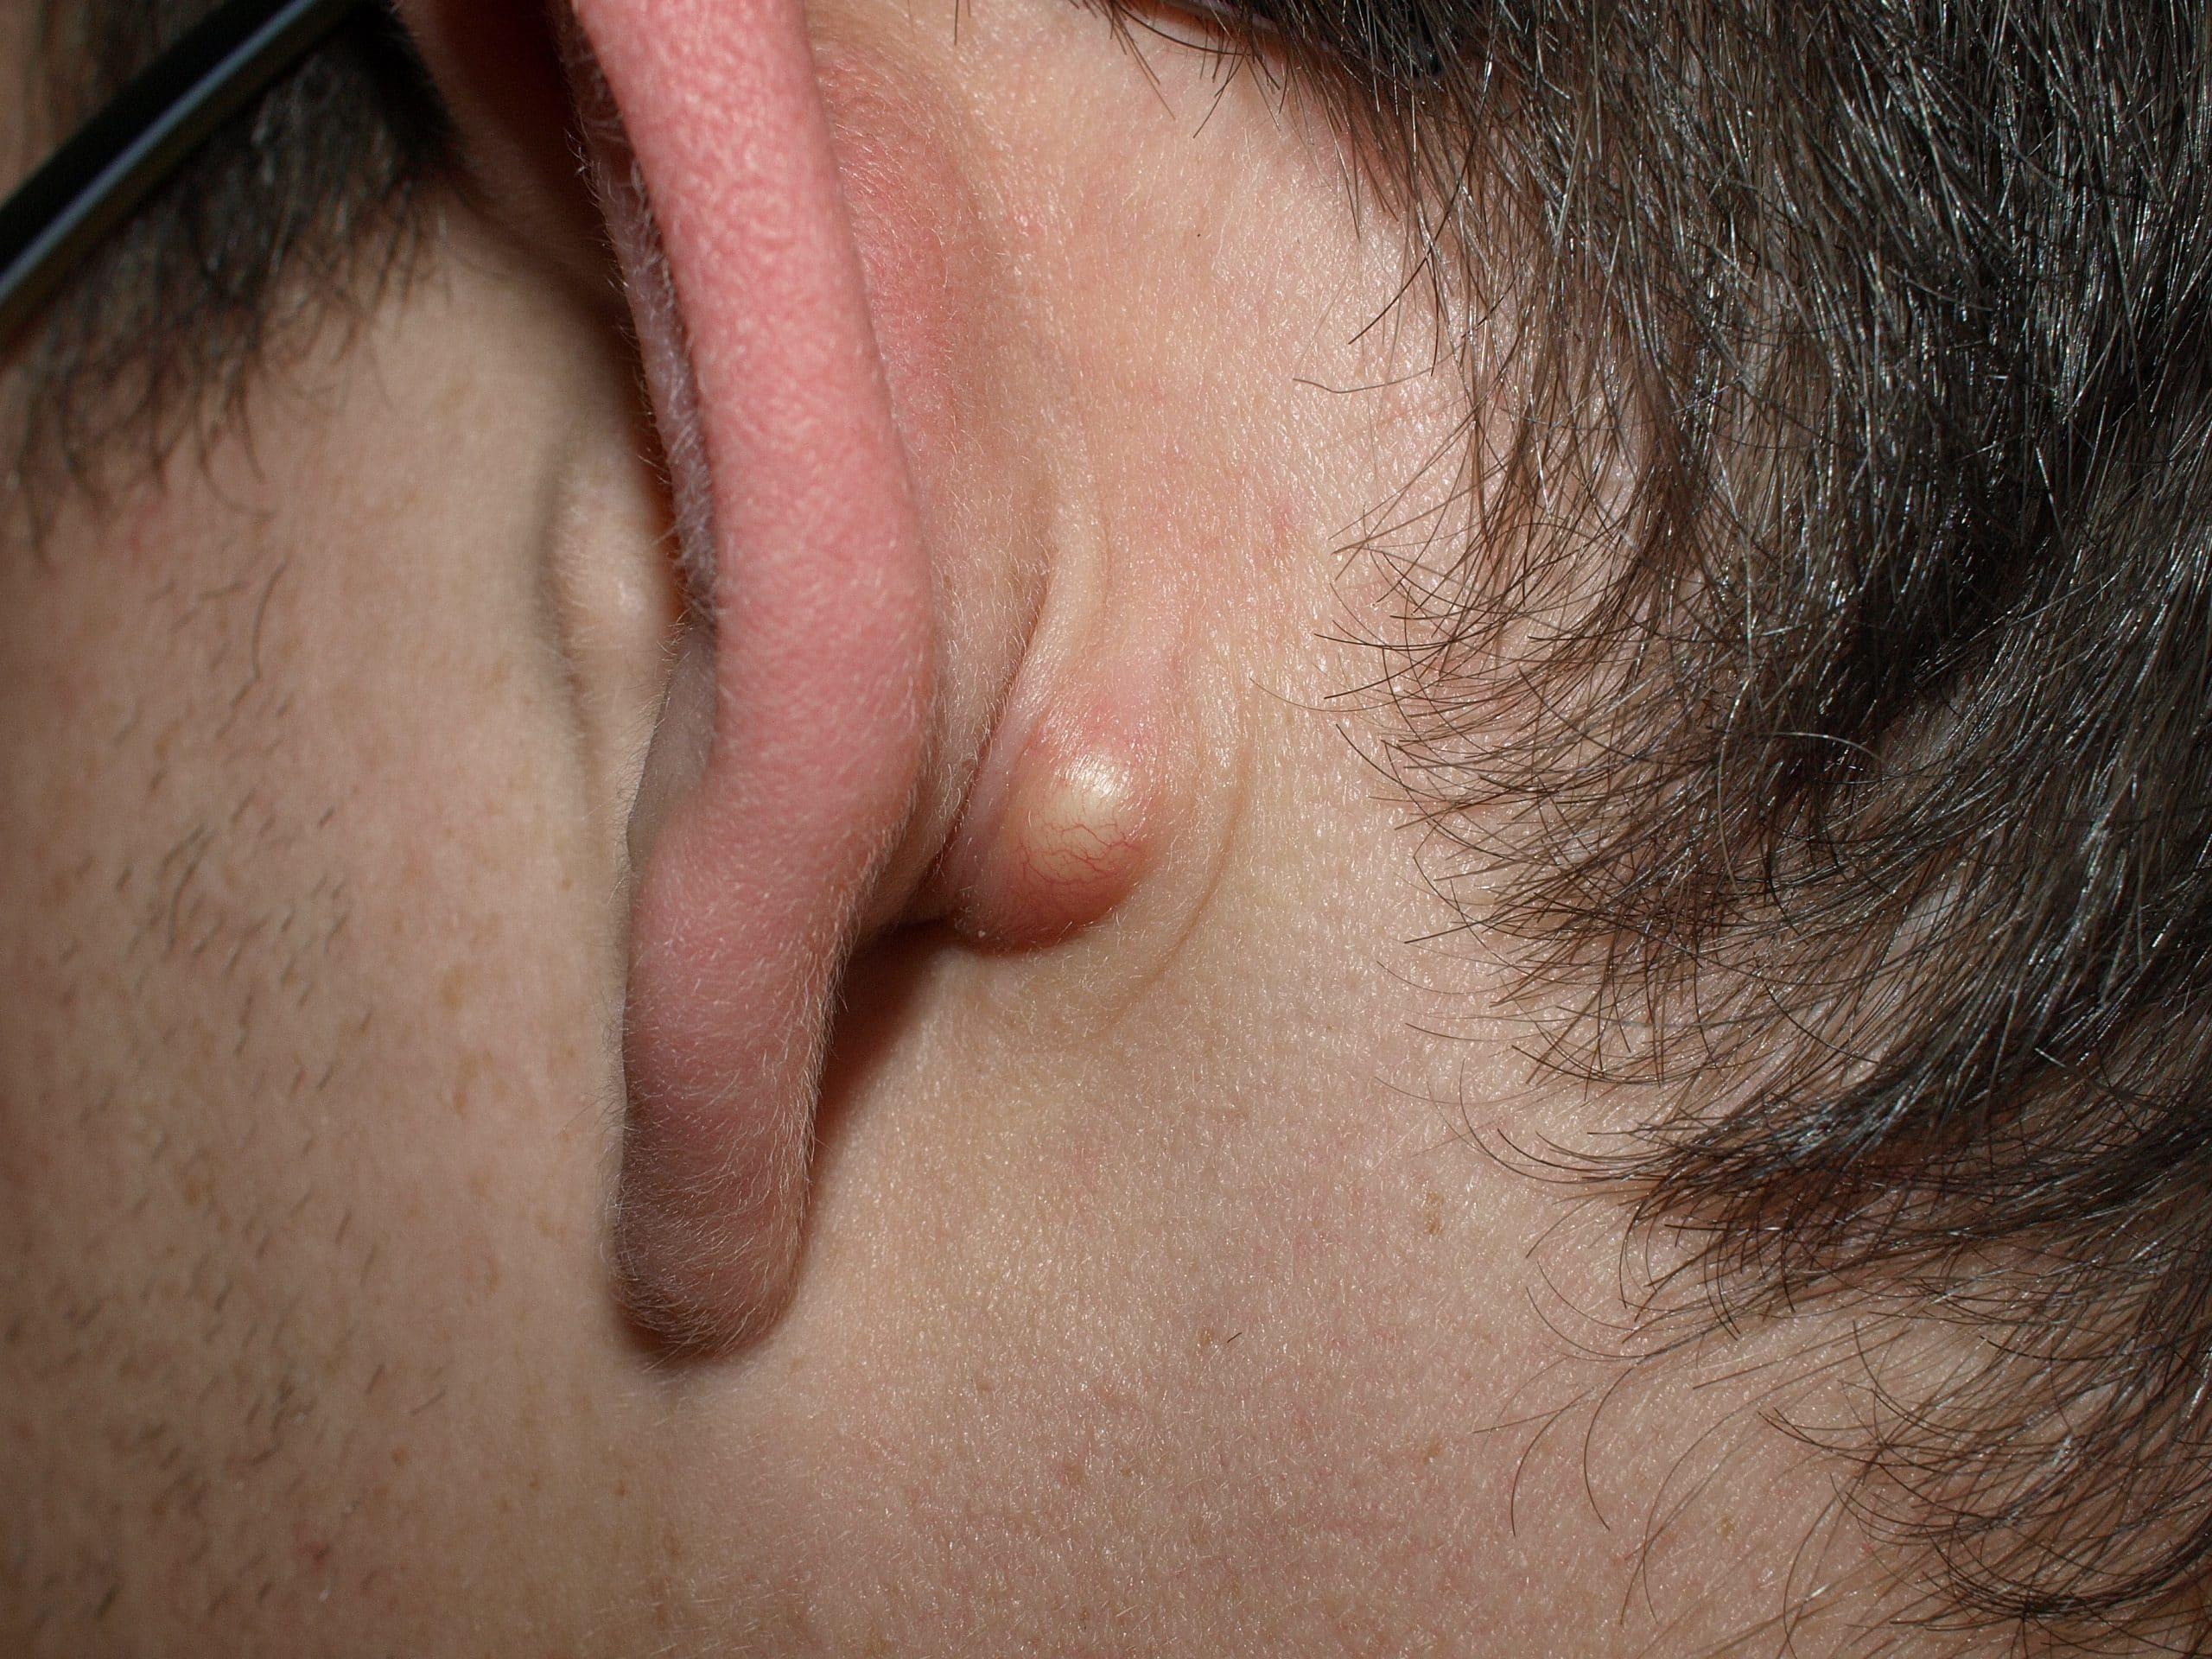 Talgkliercyste achter her oor